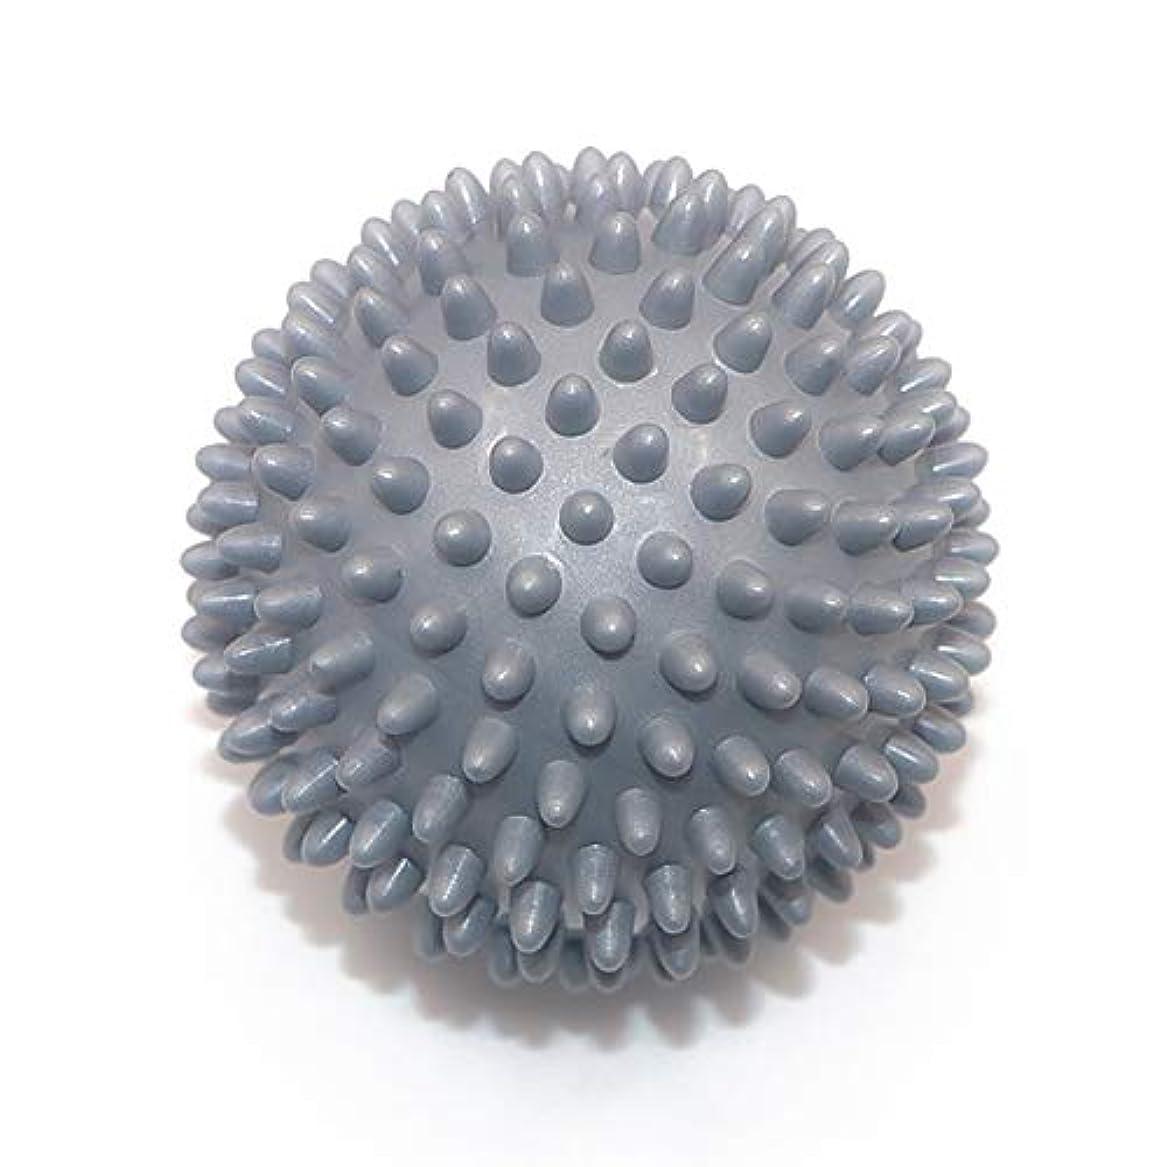 知覚する公平なできないLiti マッサージボール リハビリ 触覚ボール リフレクションボール 筋膜リリース リハビリ マッサージ用 グレー